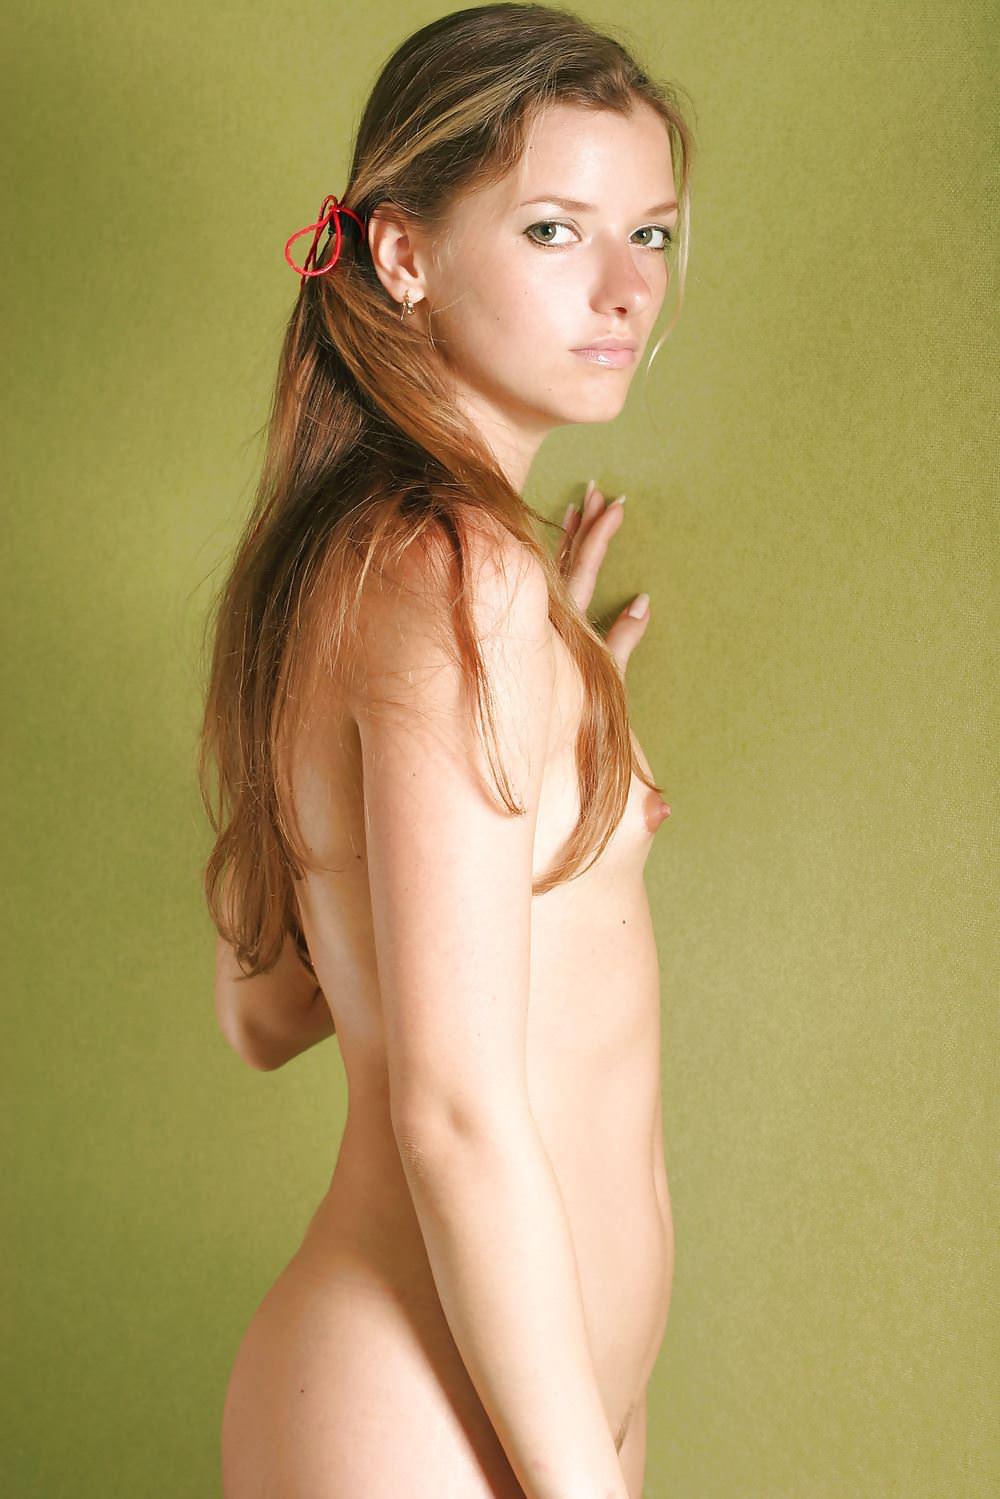 【外人】外人なのに貧乳おっぱいなのがめっちゃ抜けるポルノ画像 22188